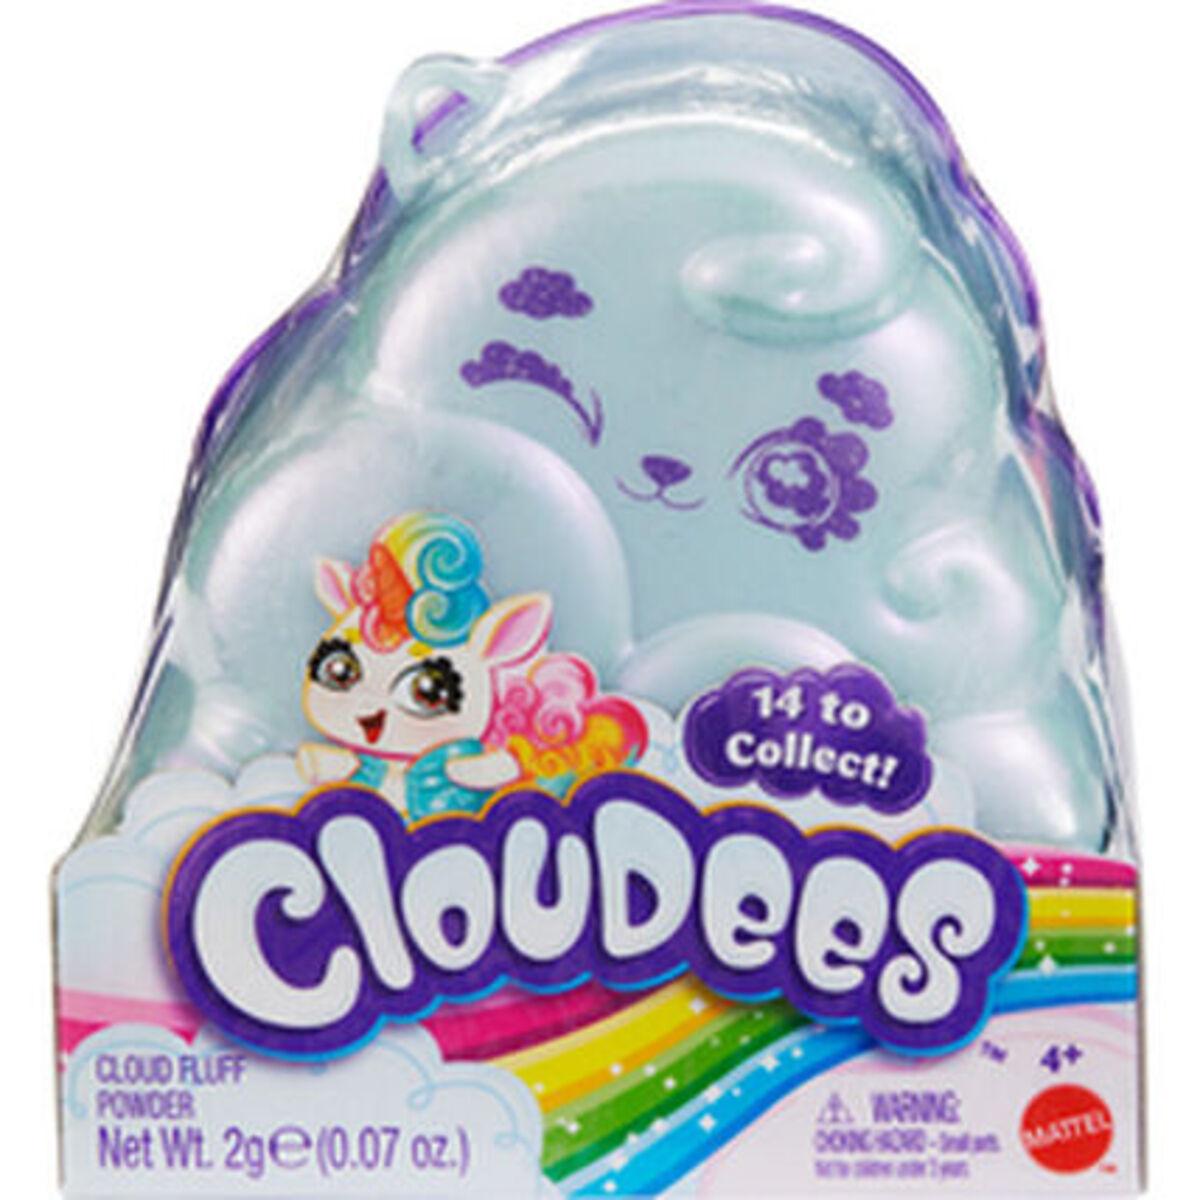 Bild 1 von Mattel Cloudees Sammelfiguren